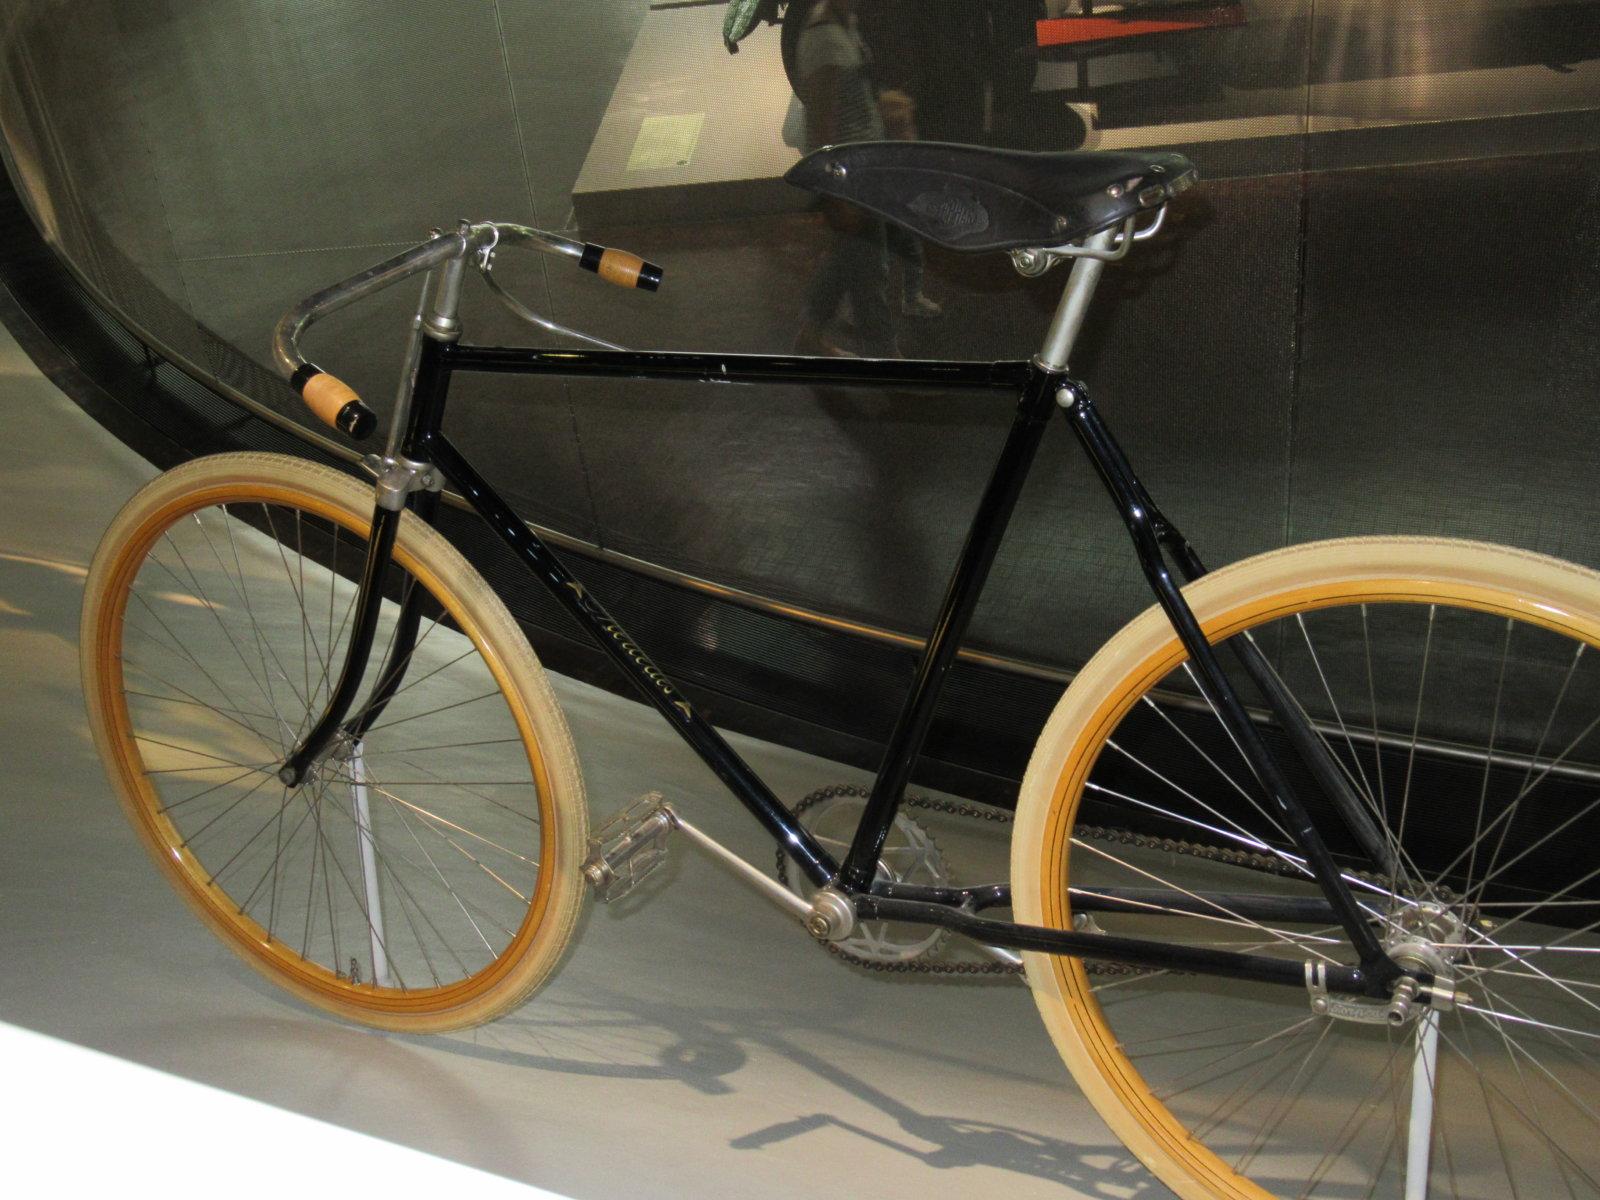 07-26 MB Bike 05